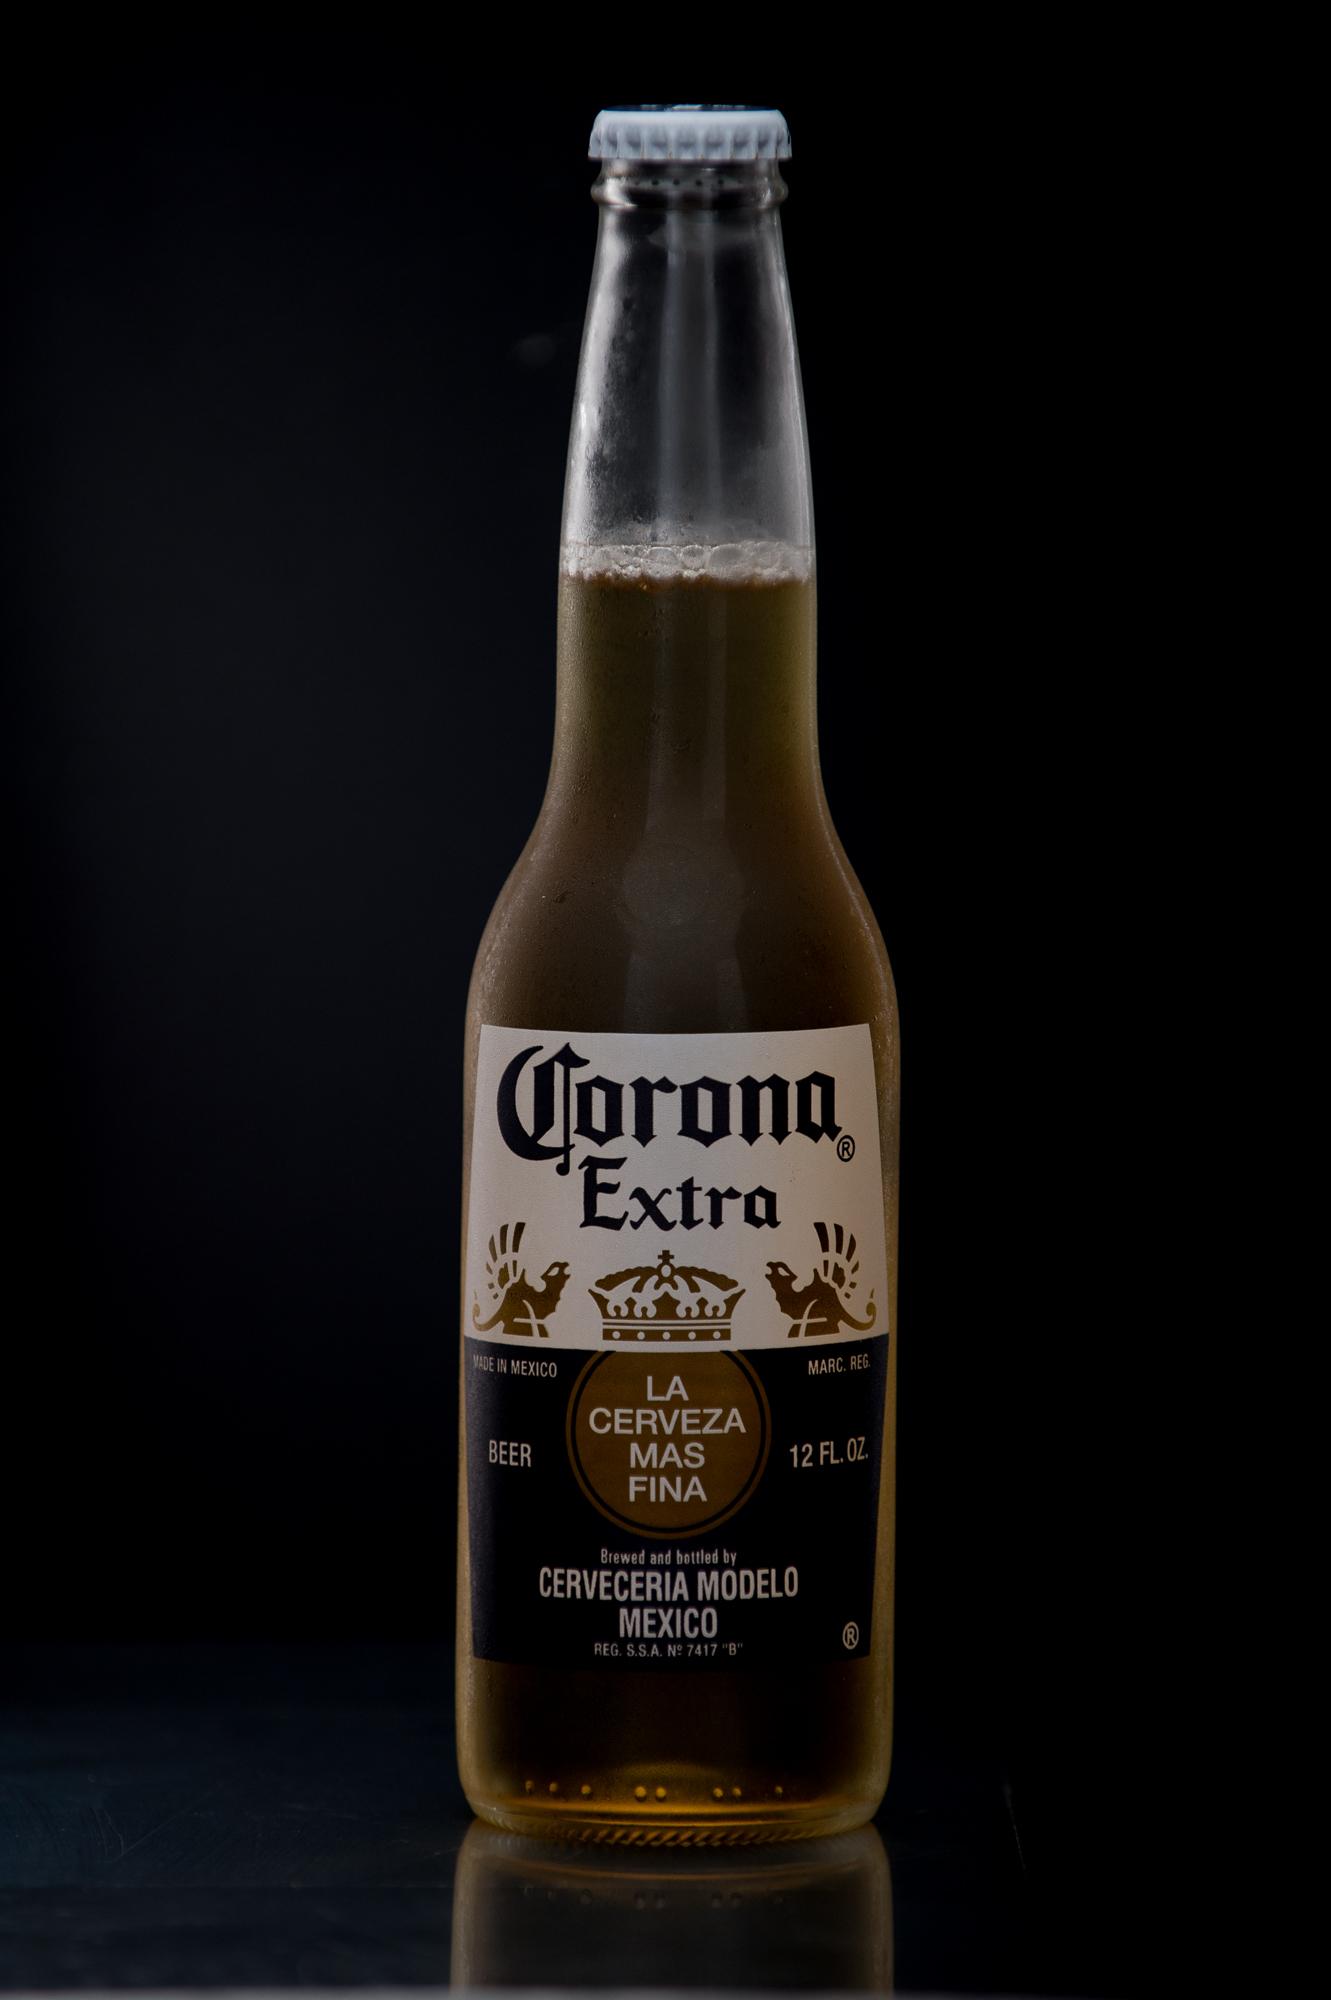 bottle-of-beer-corona-extra.jpg